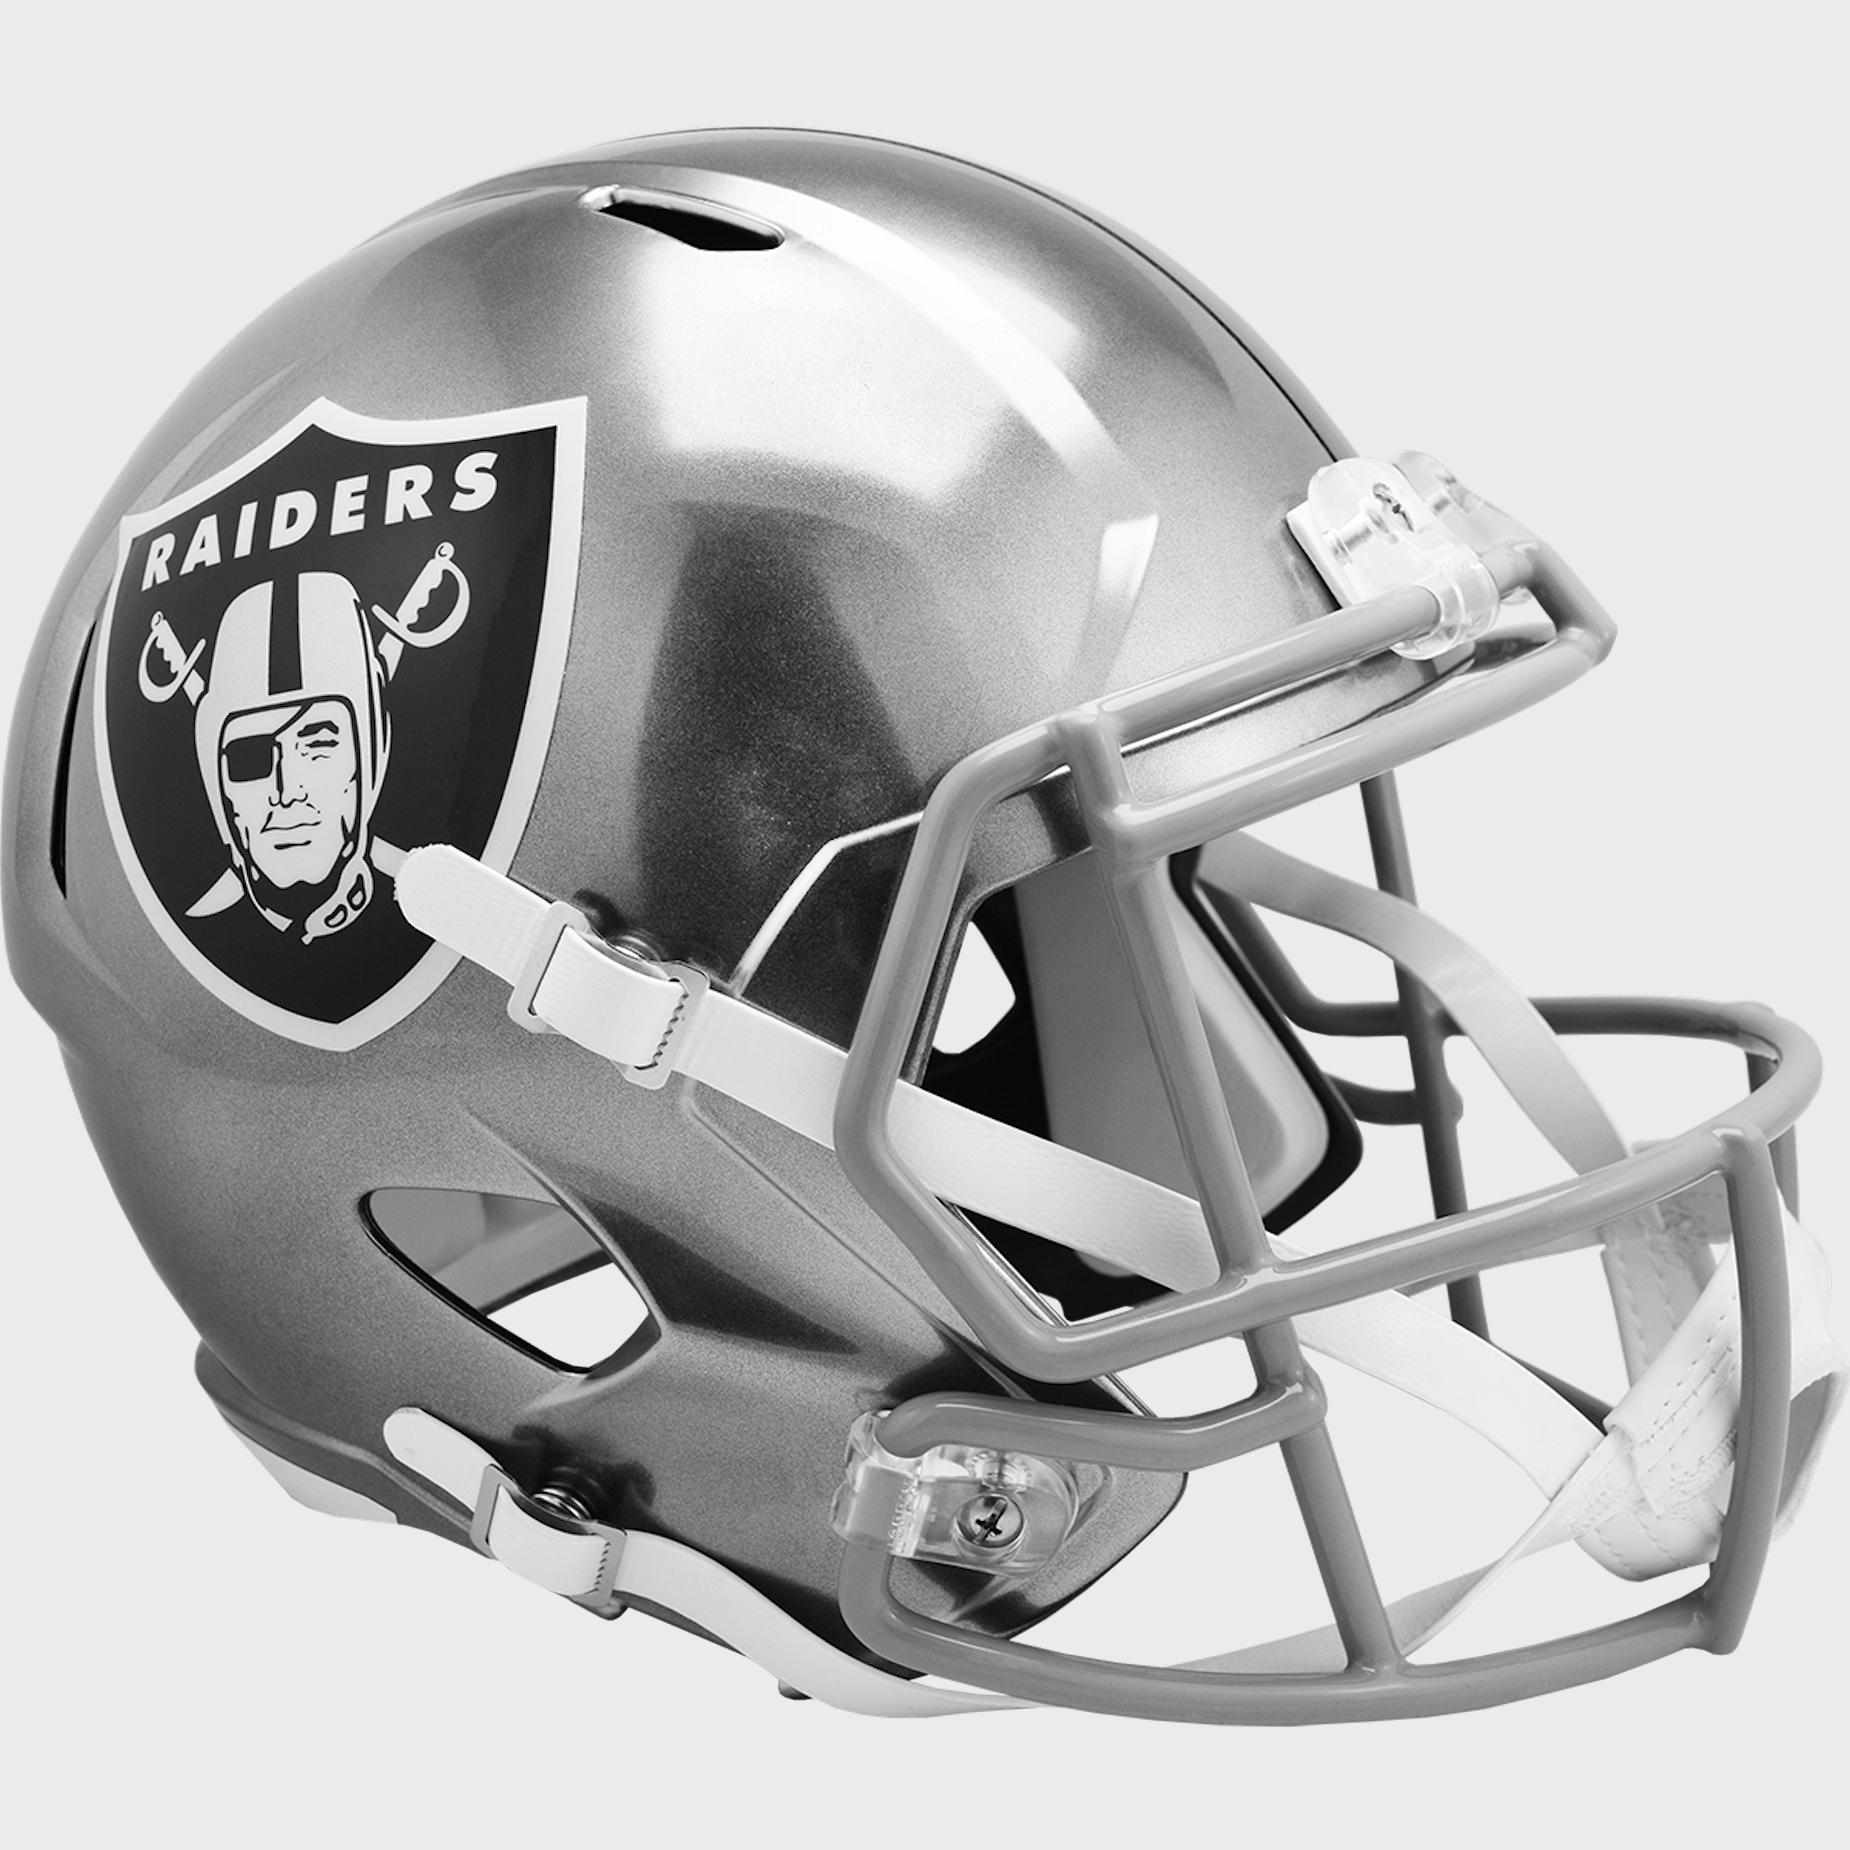 Las Vegas Raiders Speed Replica Football Helmet <B>FLASH ESD 8/21/21</B>